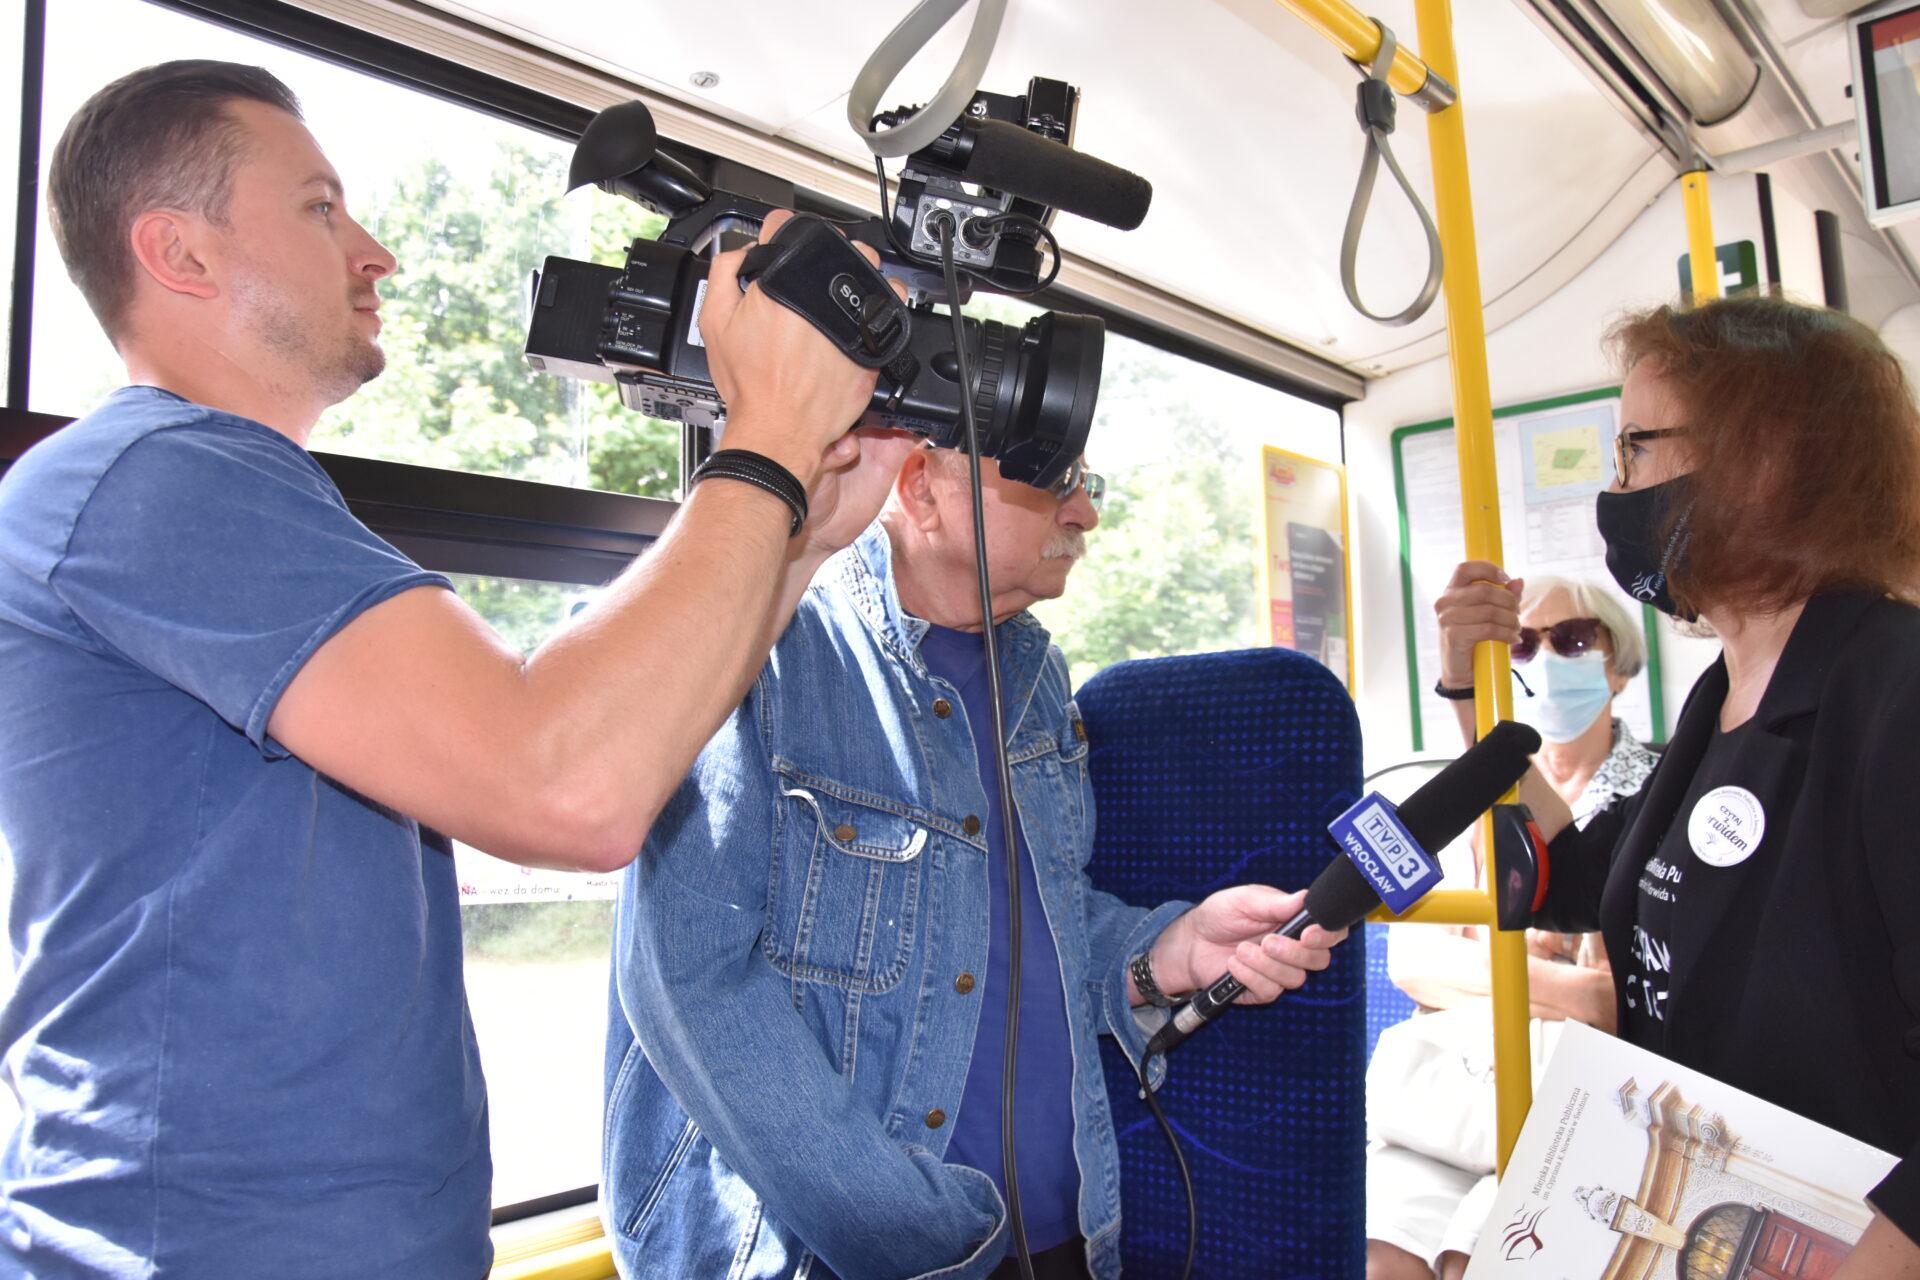 Dyrektor Miejskiej Biblioteki Publicznej udzielająca wywiadu w autobusie